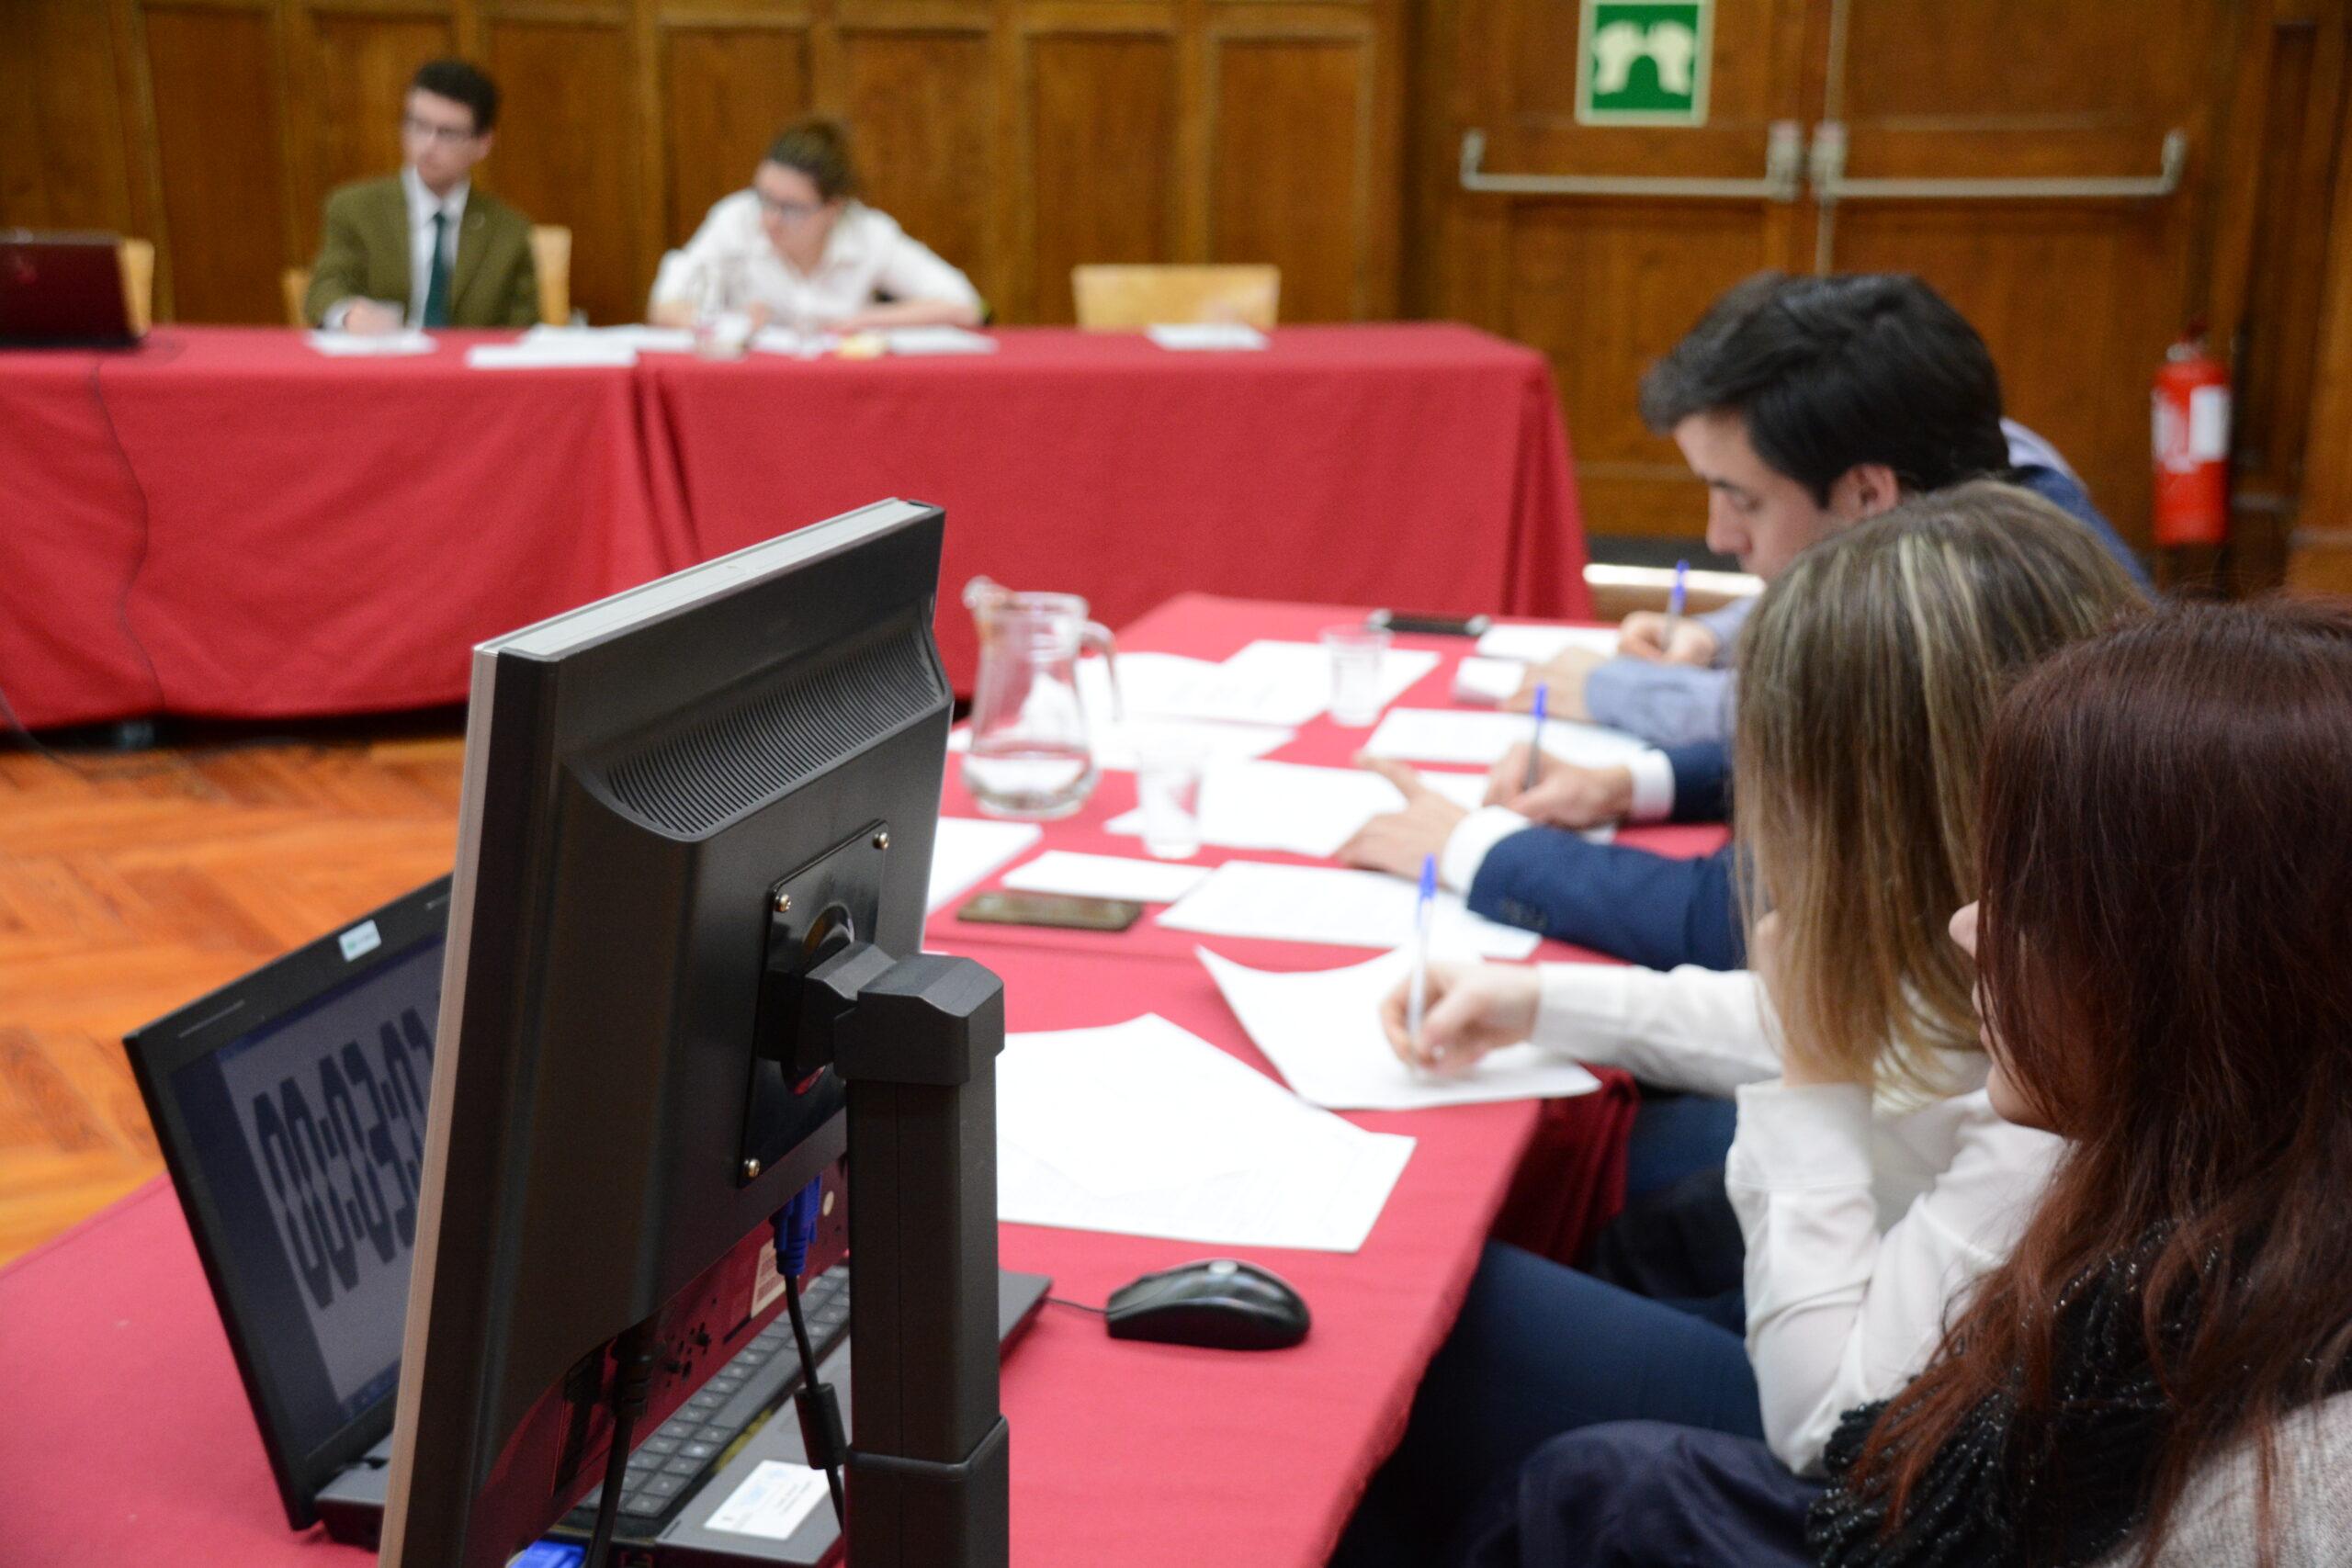 Curs Digital de Debat i Oratòria